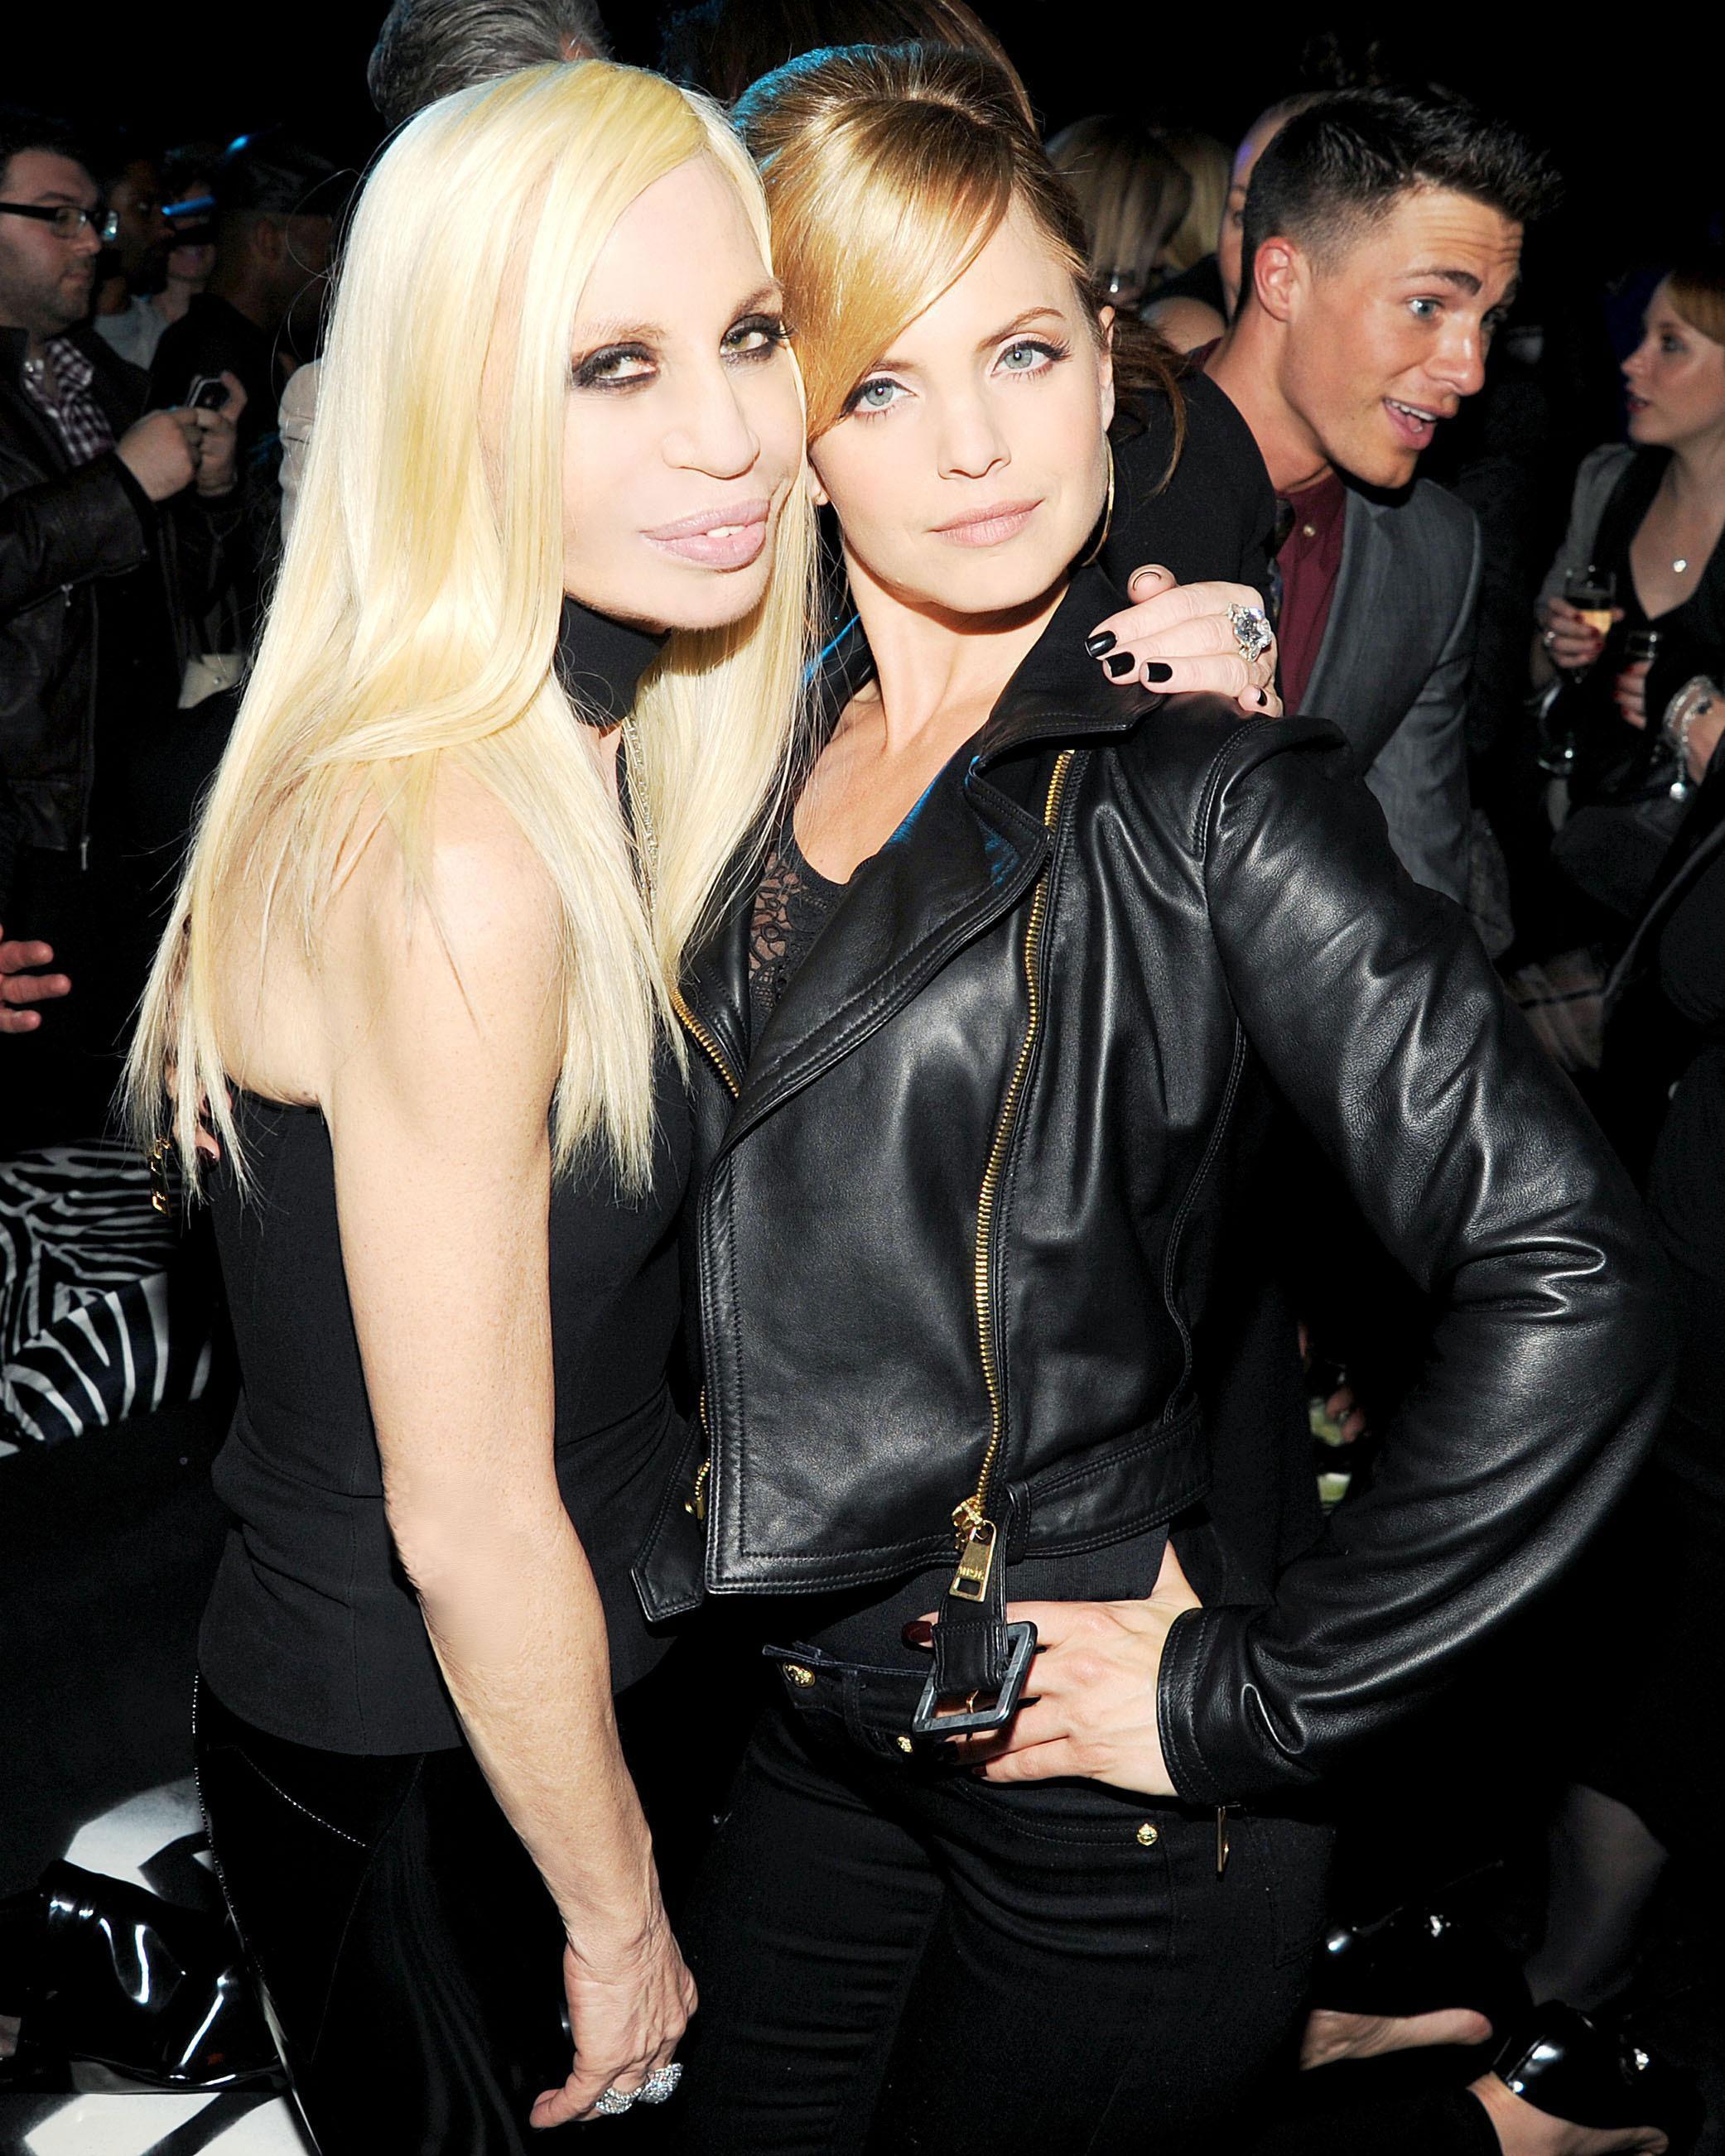 Do/donatella Versace Home